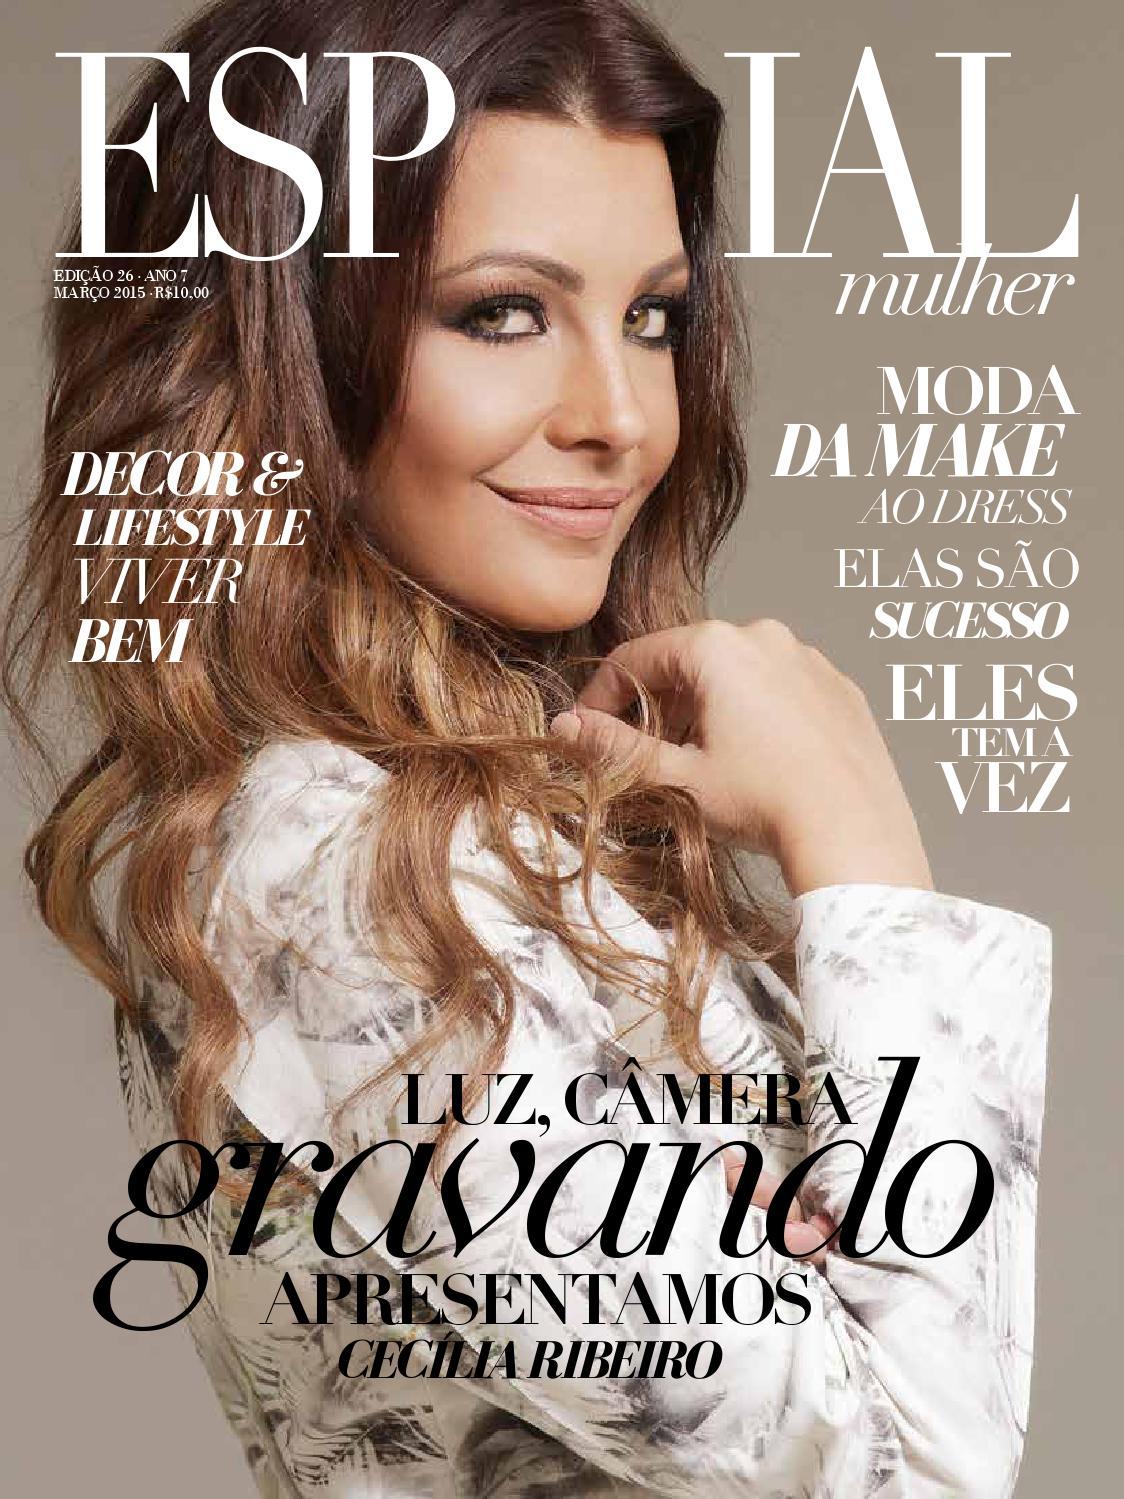 Revista Especial Mulher - Edição 26 by Revista Especial Mulher - issuu 2ada0cacc0